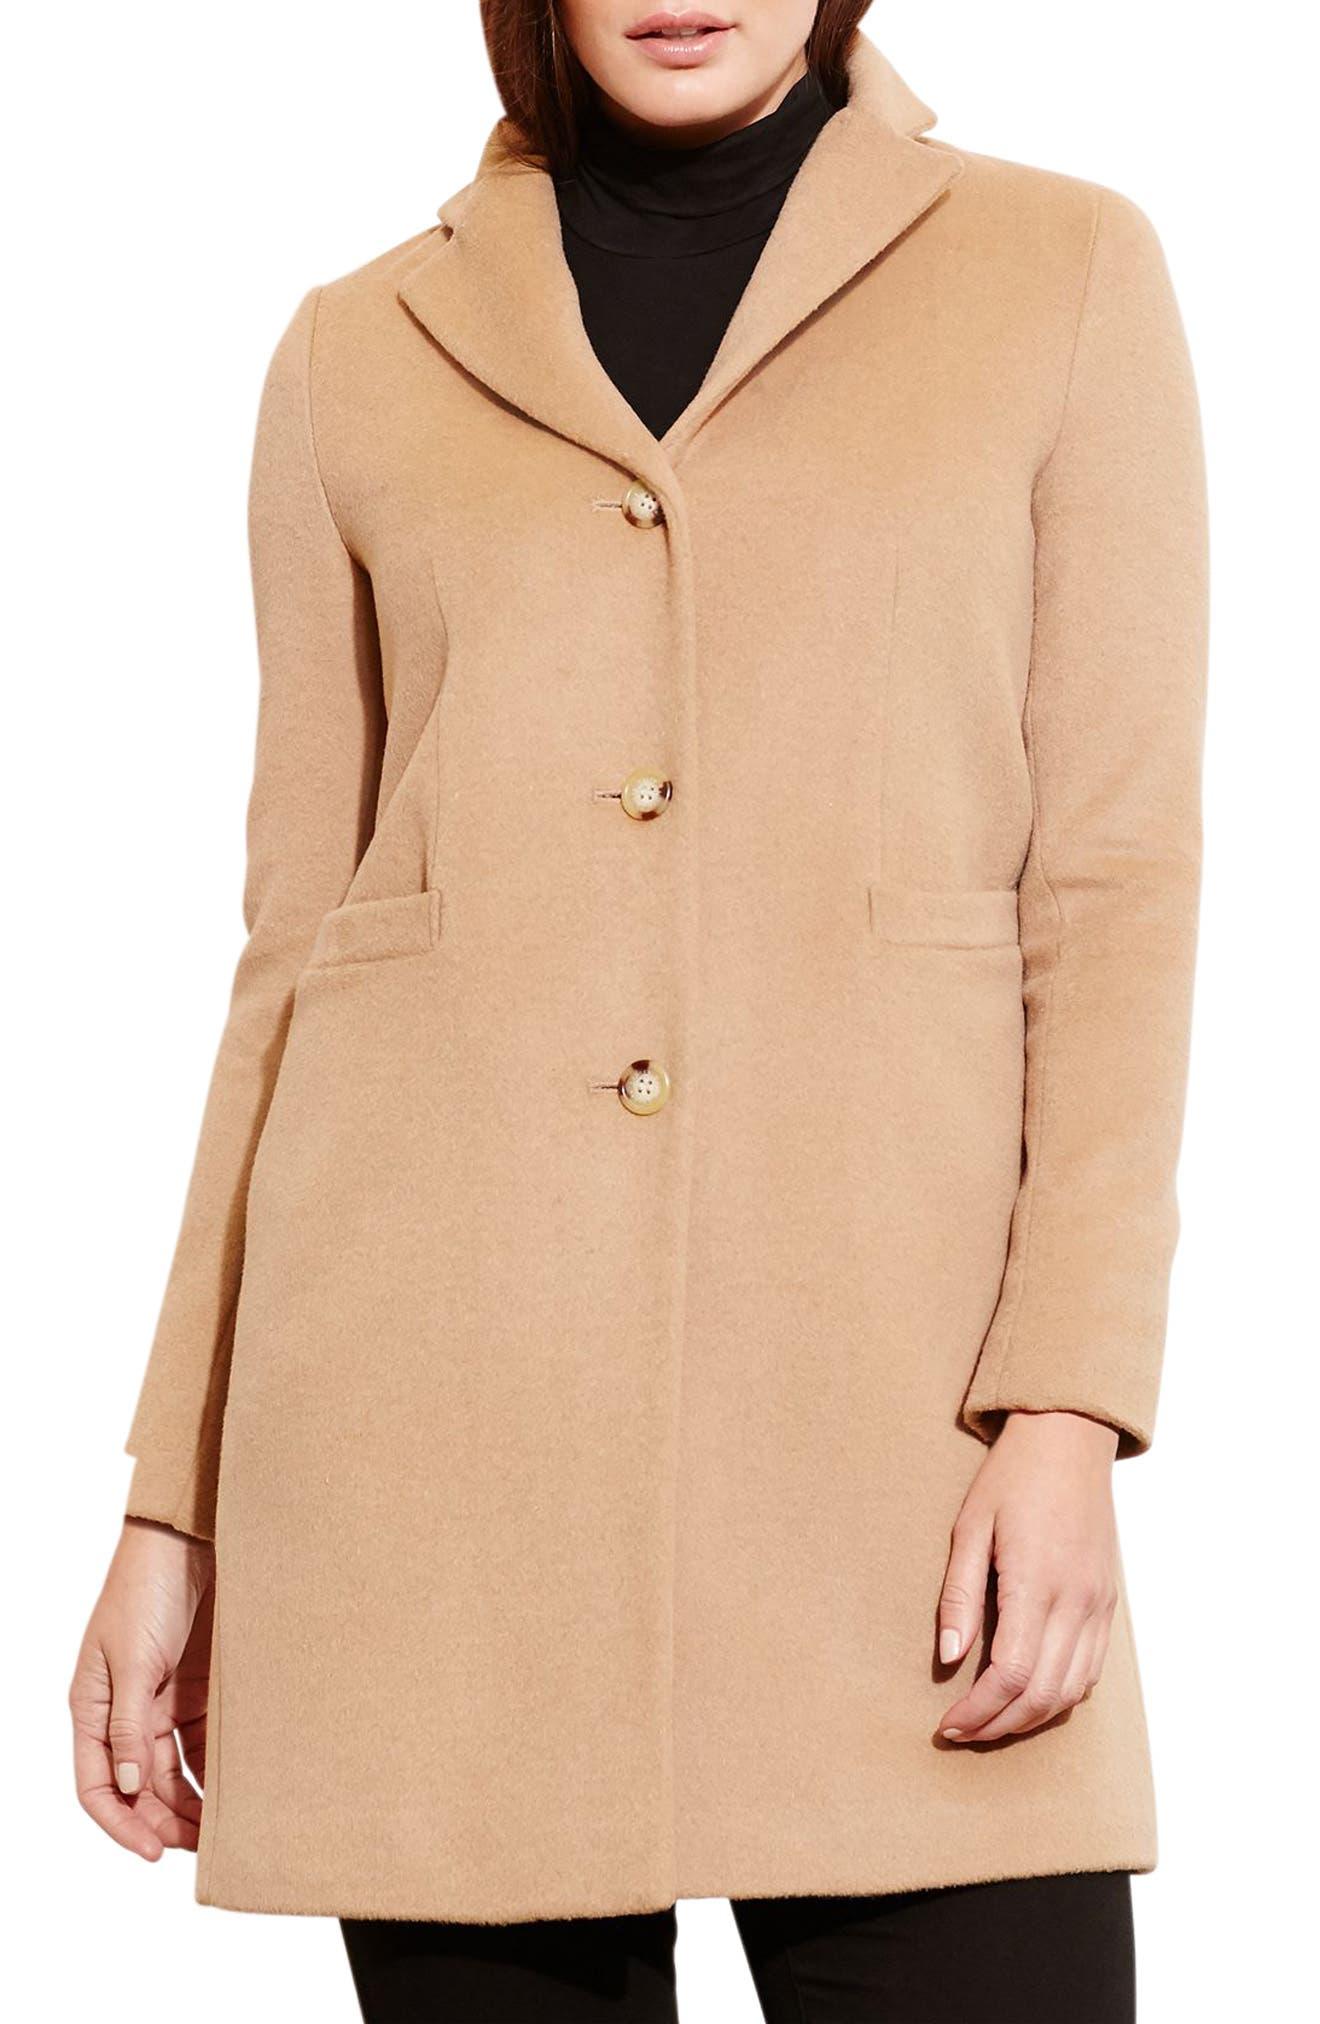 LAUREN RALPH LAUREN Wool Blend Reefer Coat, Main, color, CAMEL